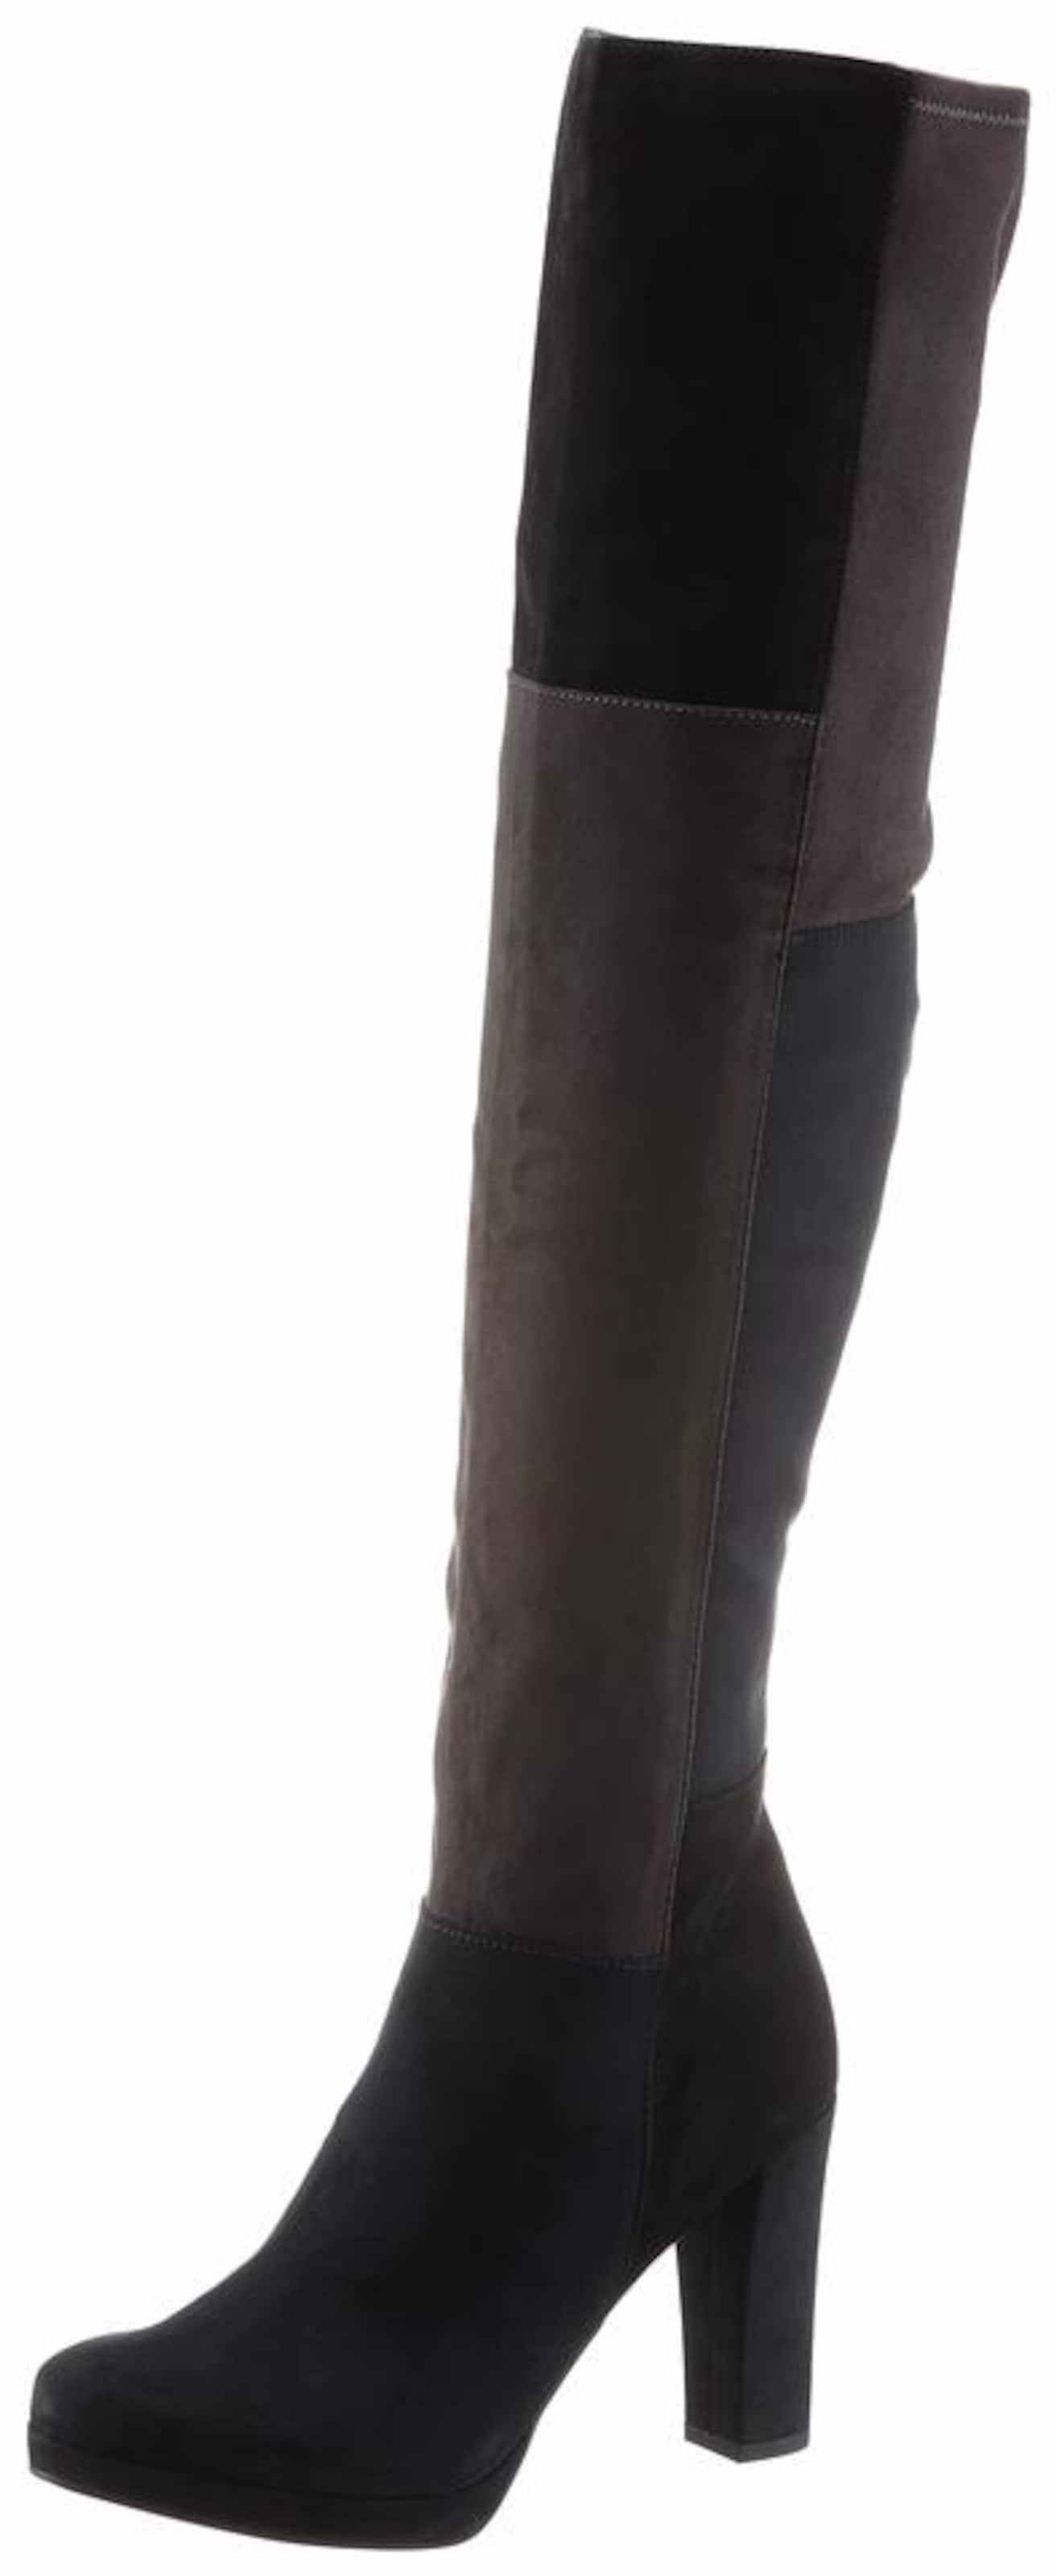 TAMARIS Stiefel Patchwork Günstige und langlebige Schuhe